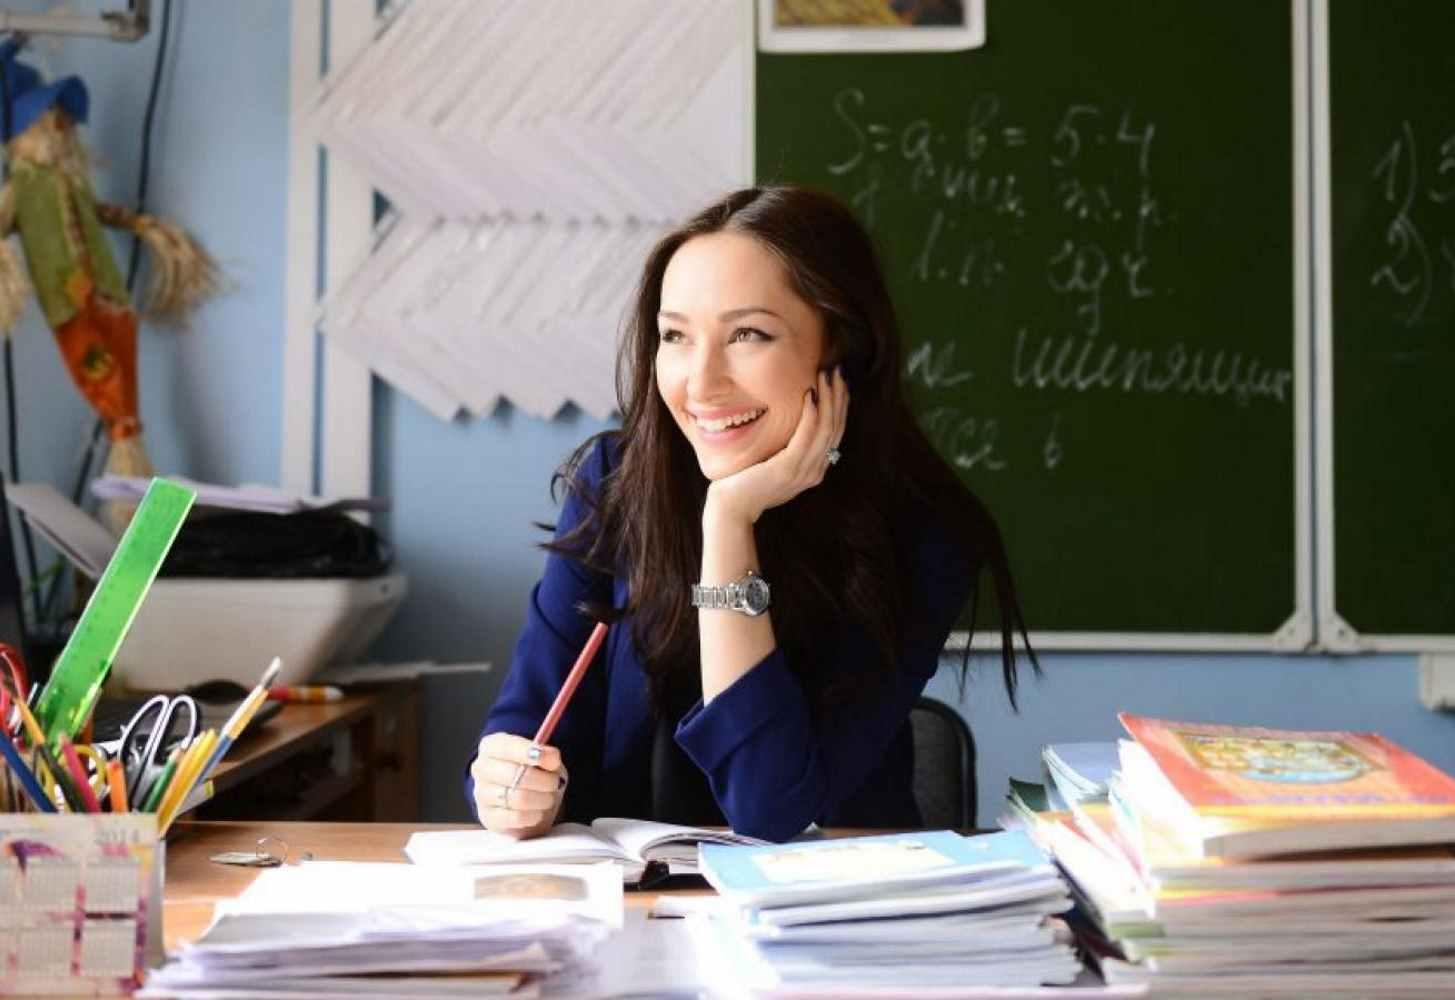 vygodnye-predlozheniya-dlya-pedagogov-ot-moego-universiteta